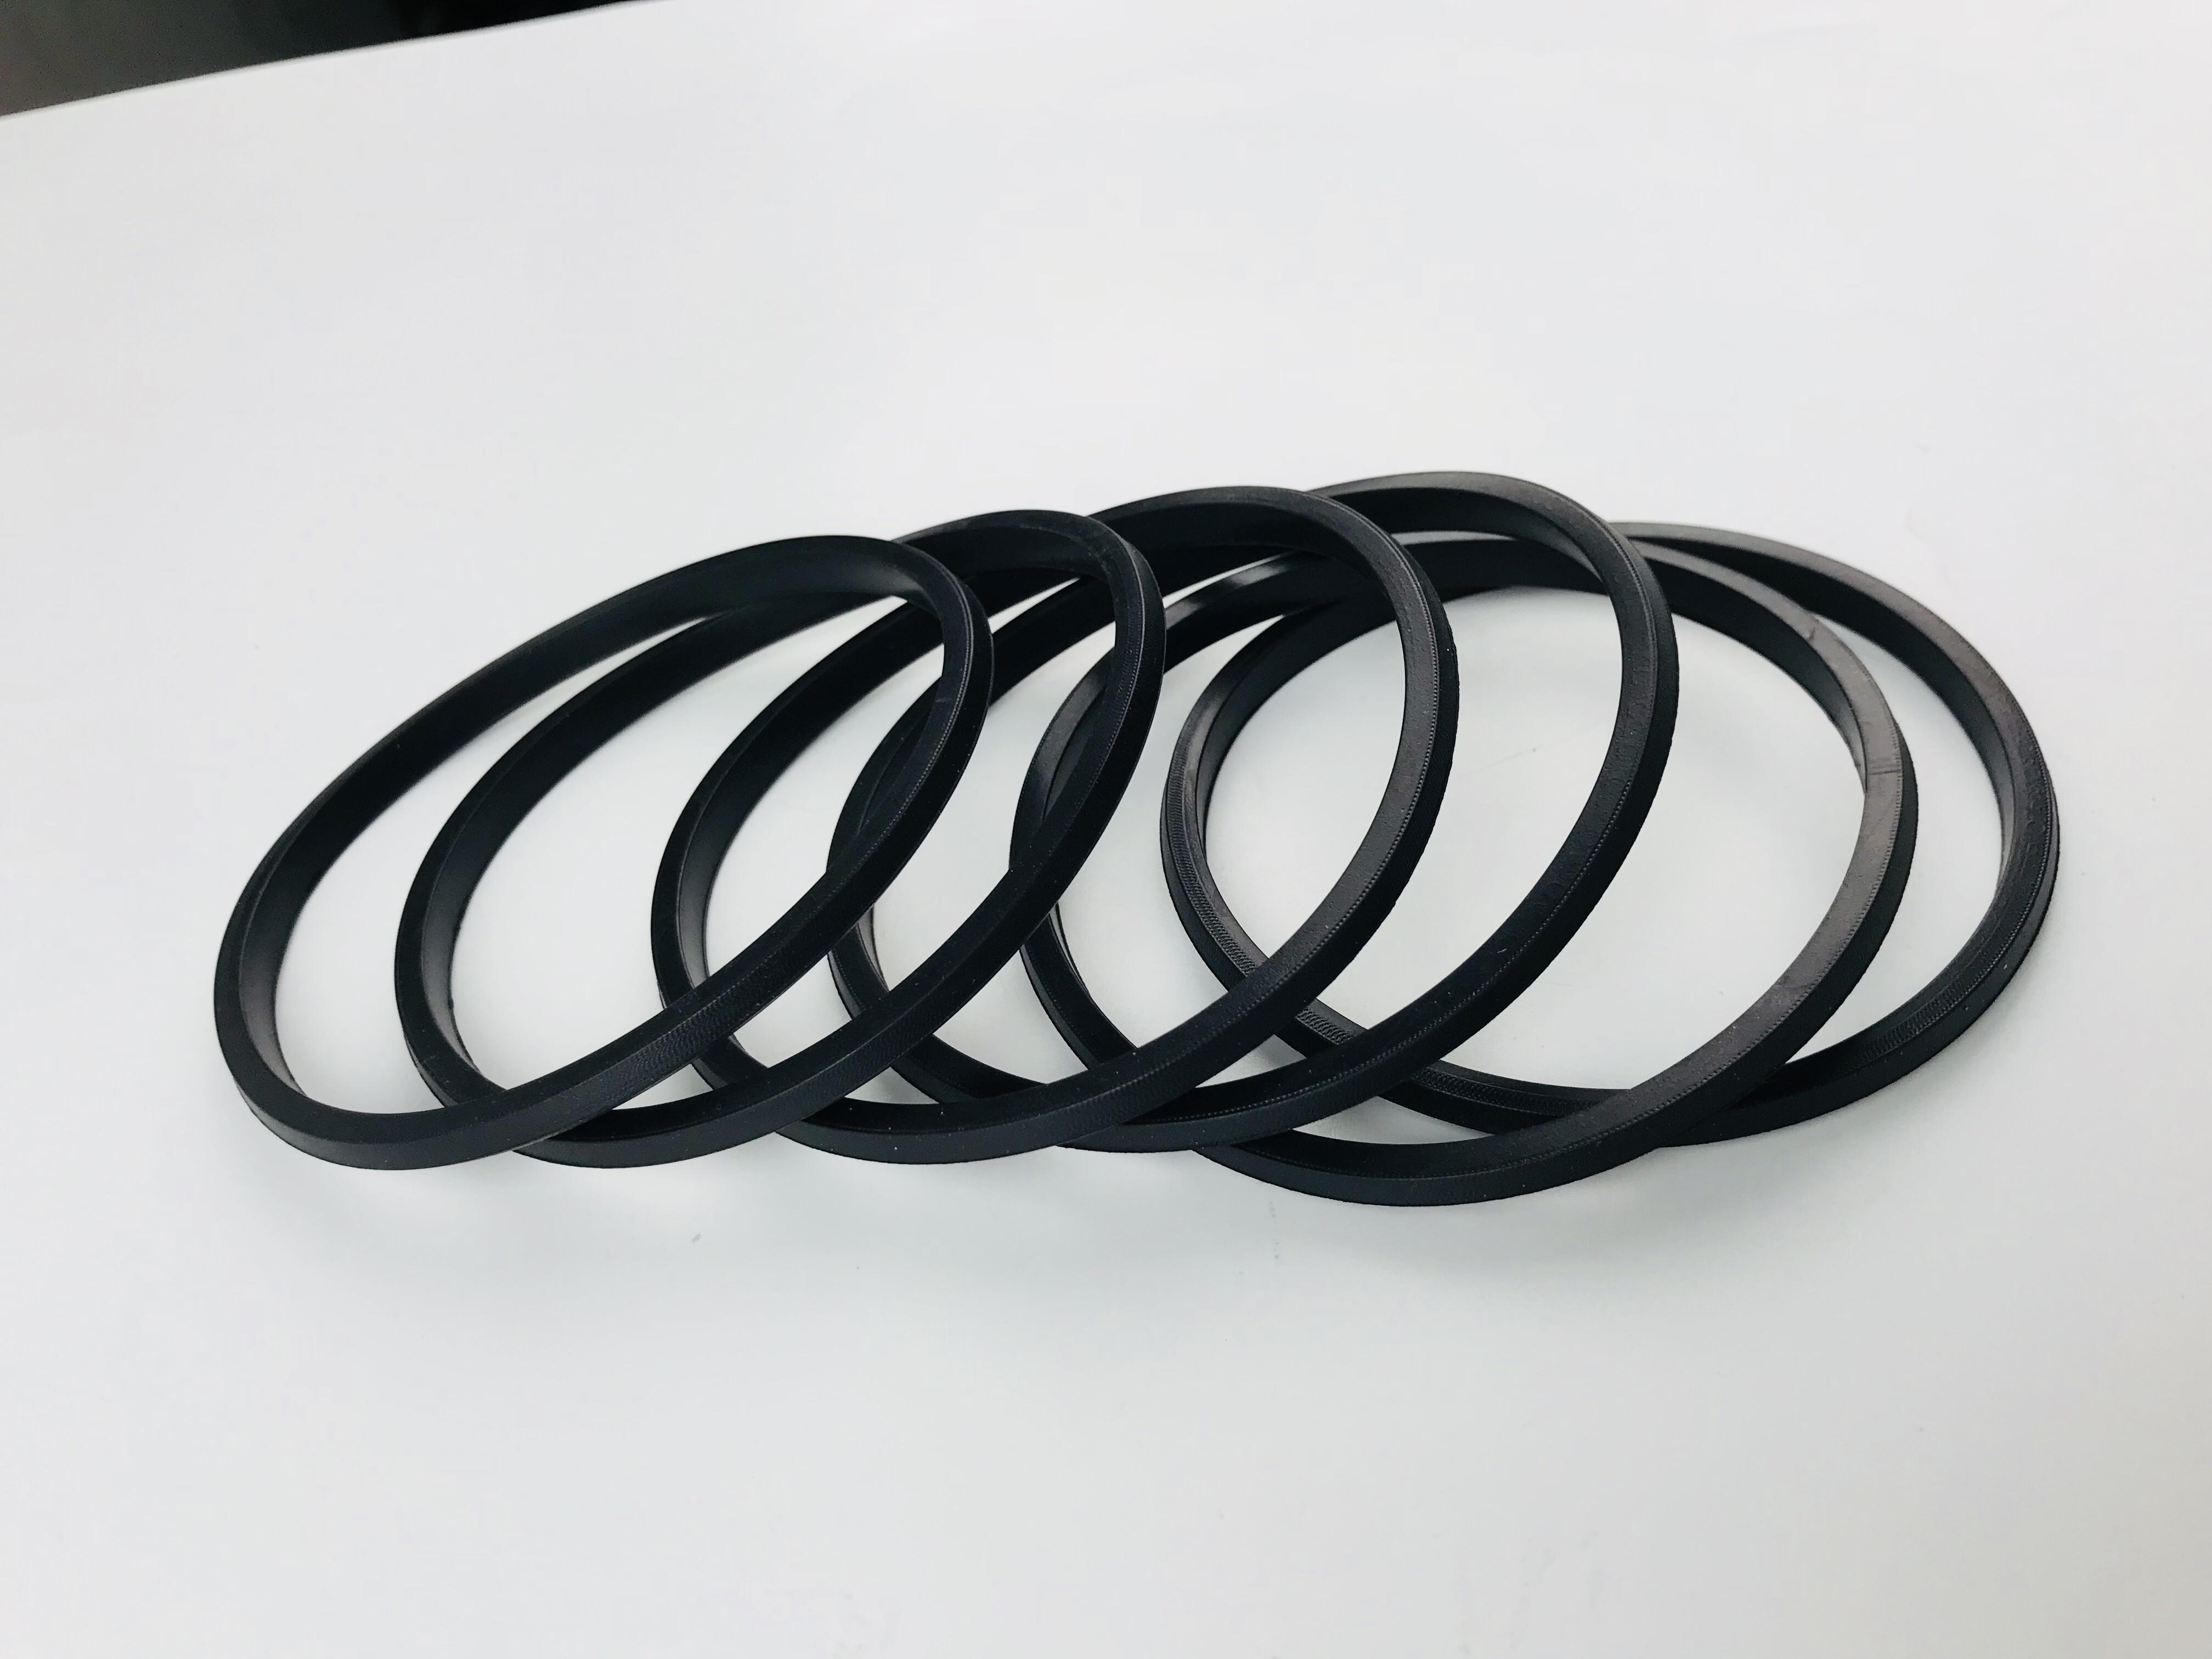 厂家推荐汽车胶圈可定制橡胶圈星原橡塑机械橡胶密封圈硅胶圈